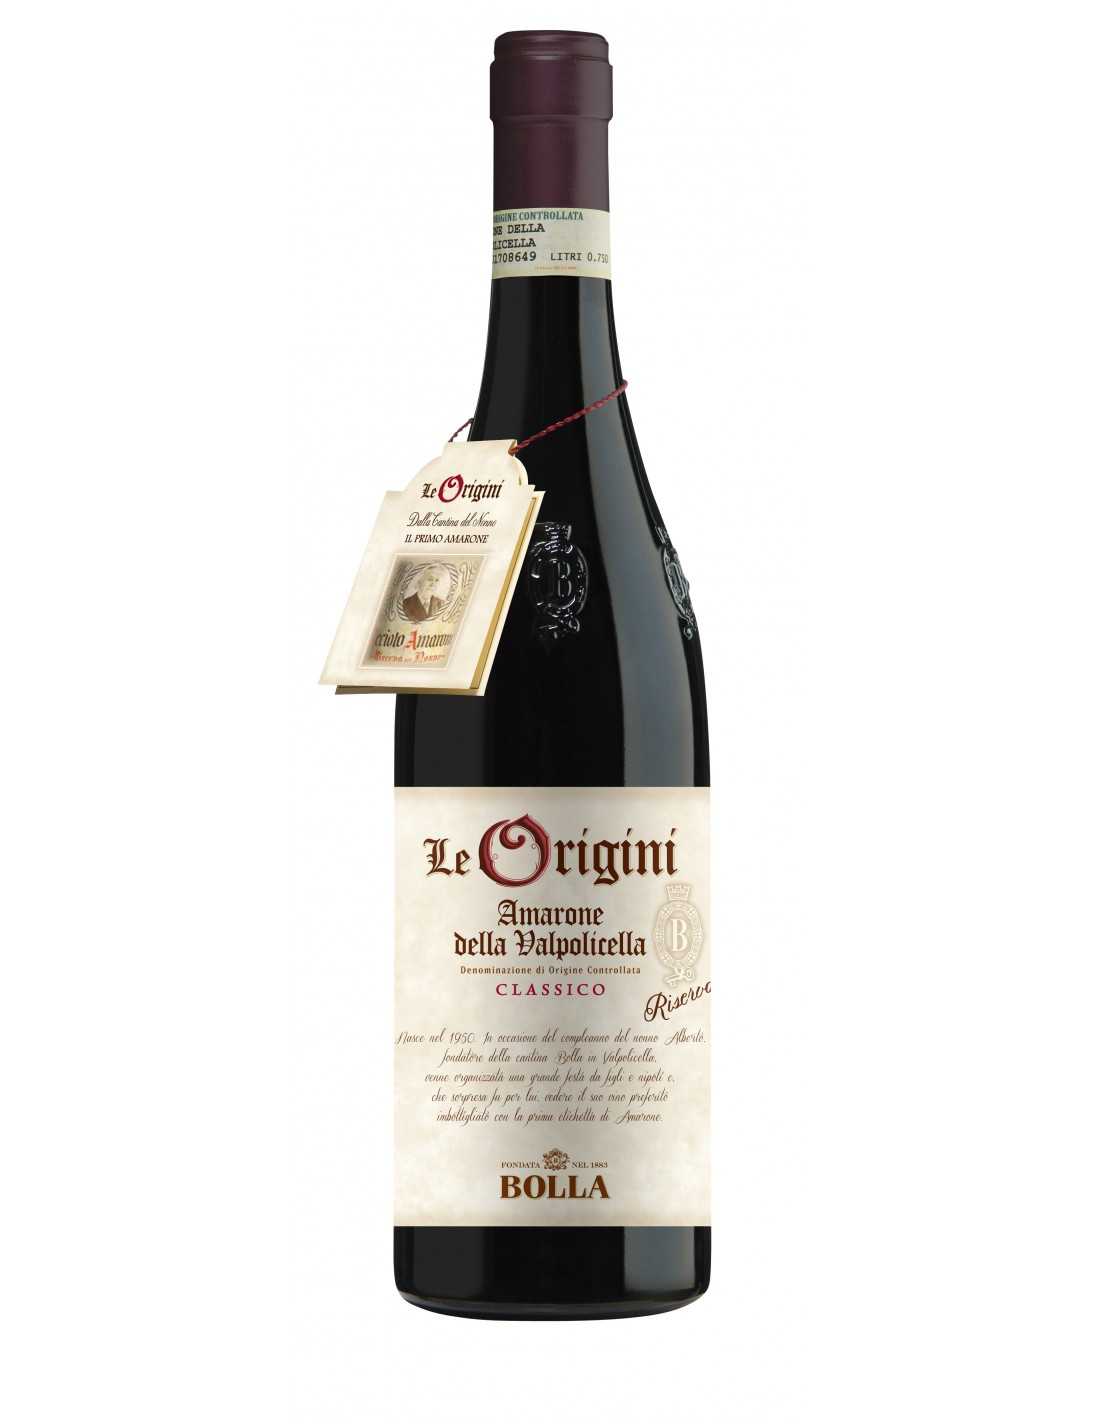 Vin rosu, Cupaj, Bolla Le Origini Amarone della Valpolicella, 1890, 0.75L, 15% alc., Italia